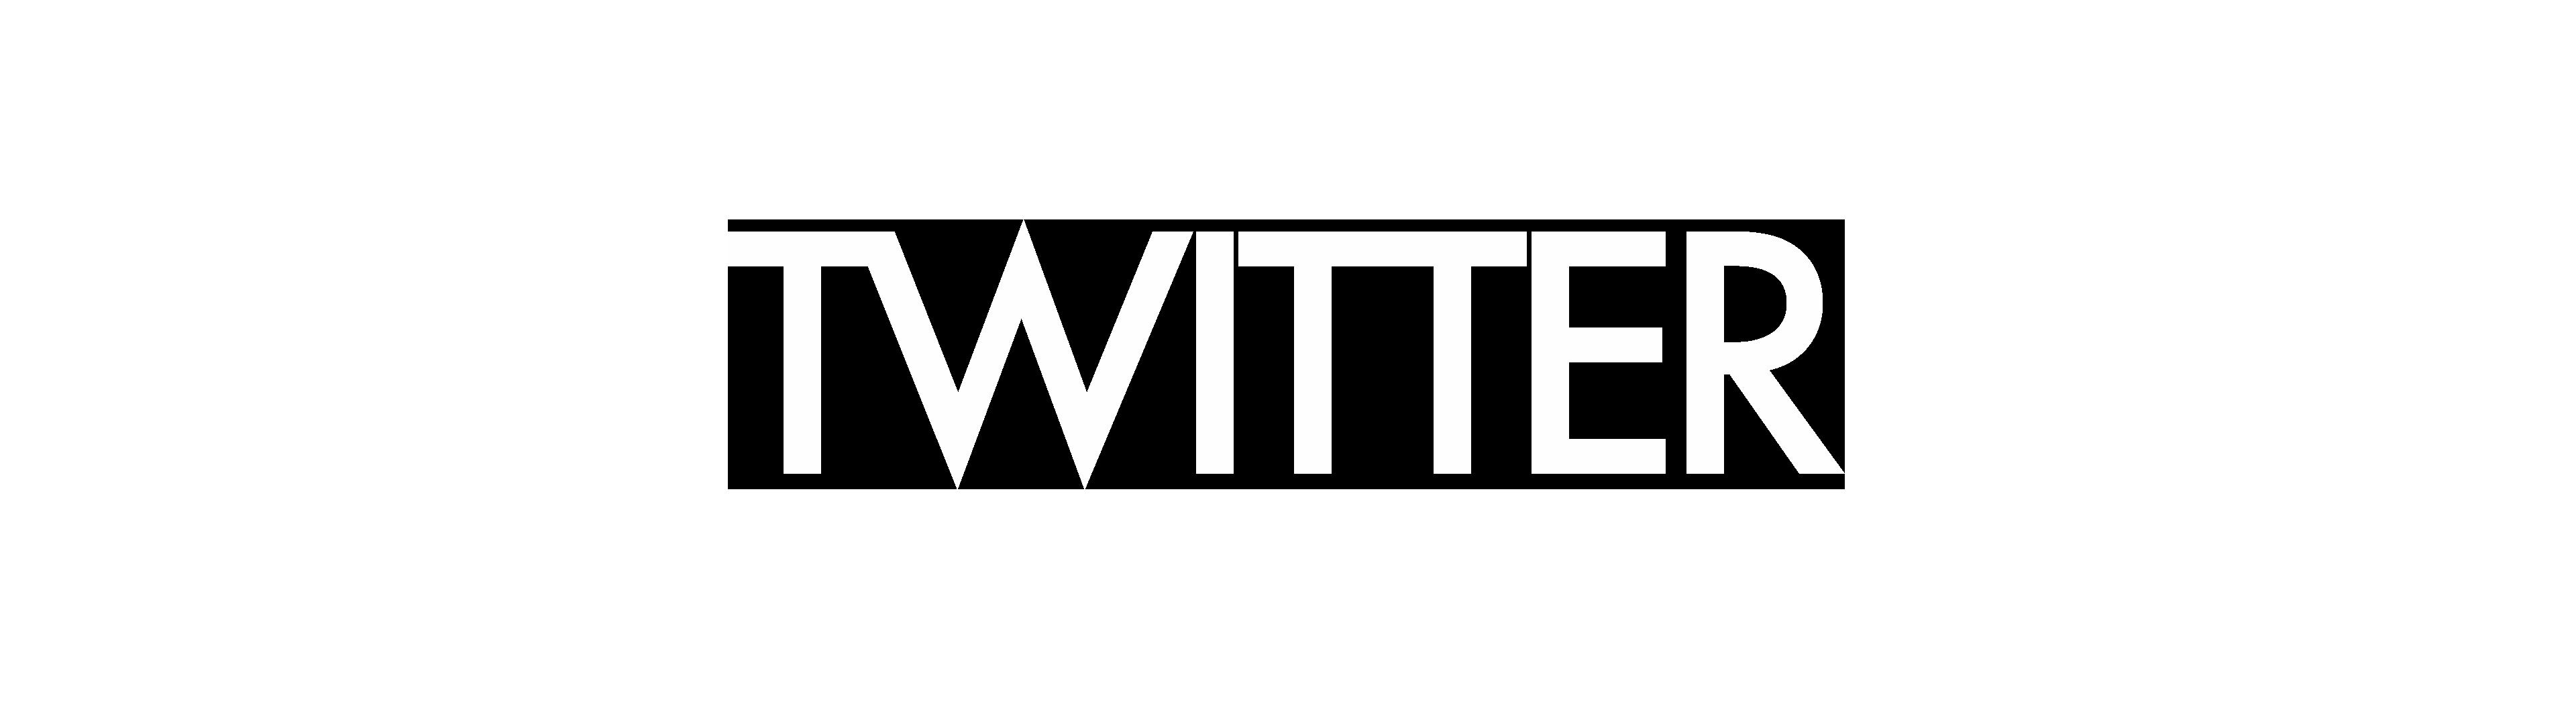 logo_TWITTER_NL